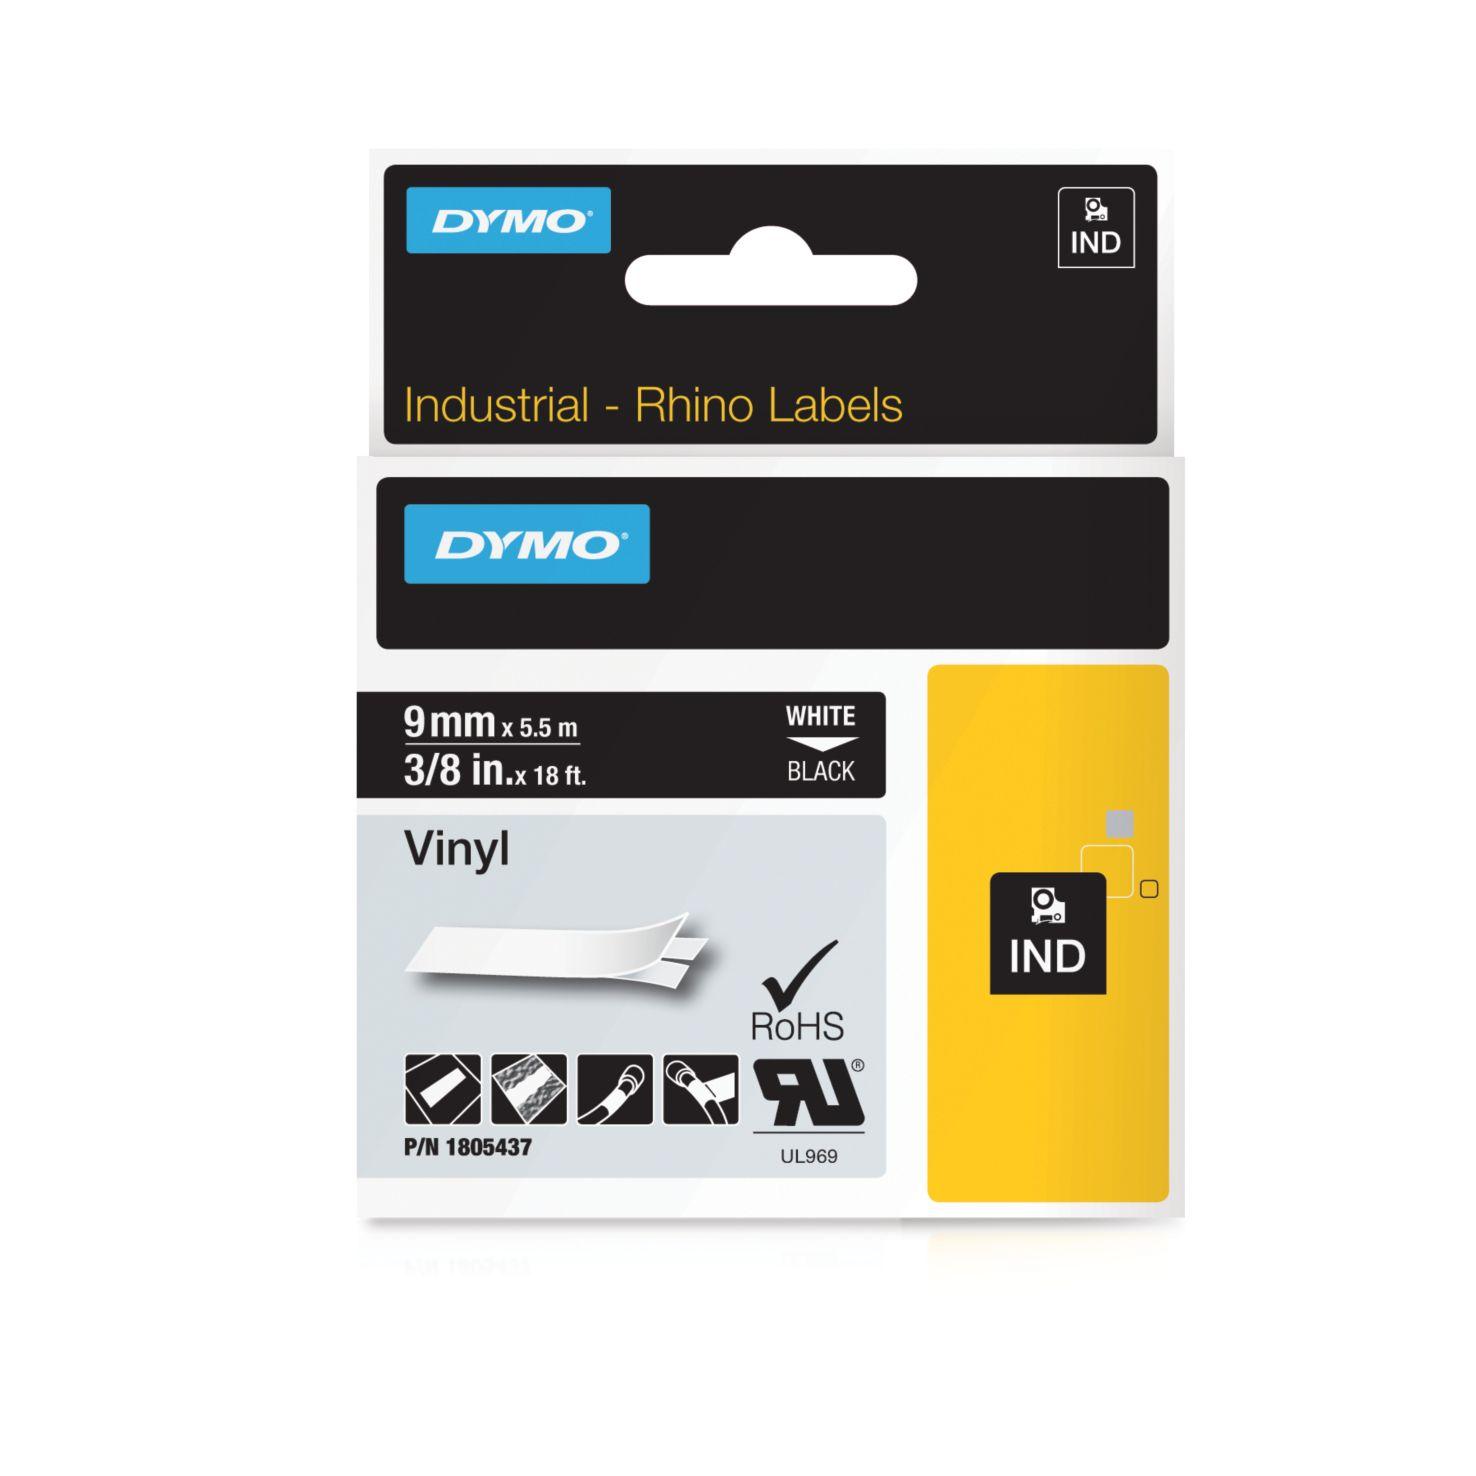 Dymo Rhino-Schriftband Vinyl 9mm x 5,5m weiß auf schwarz